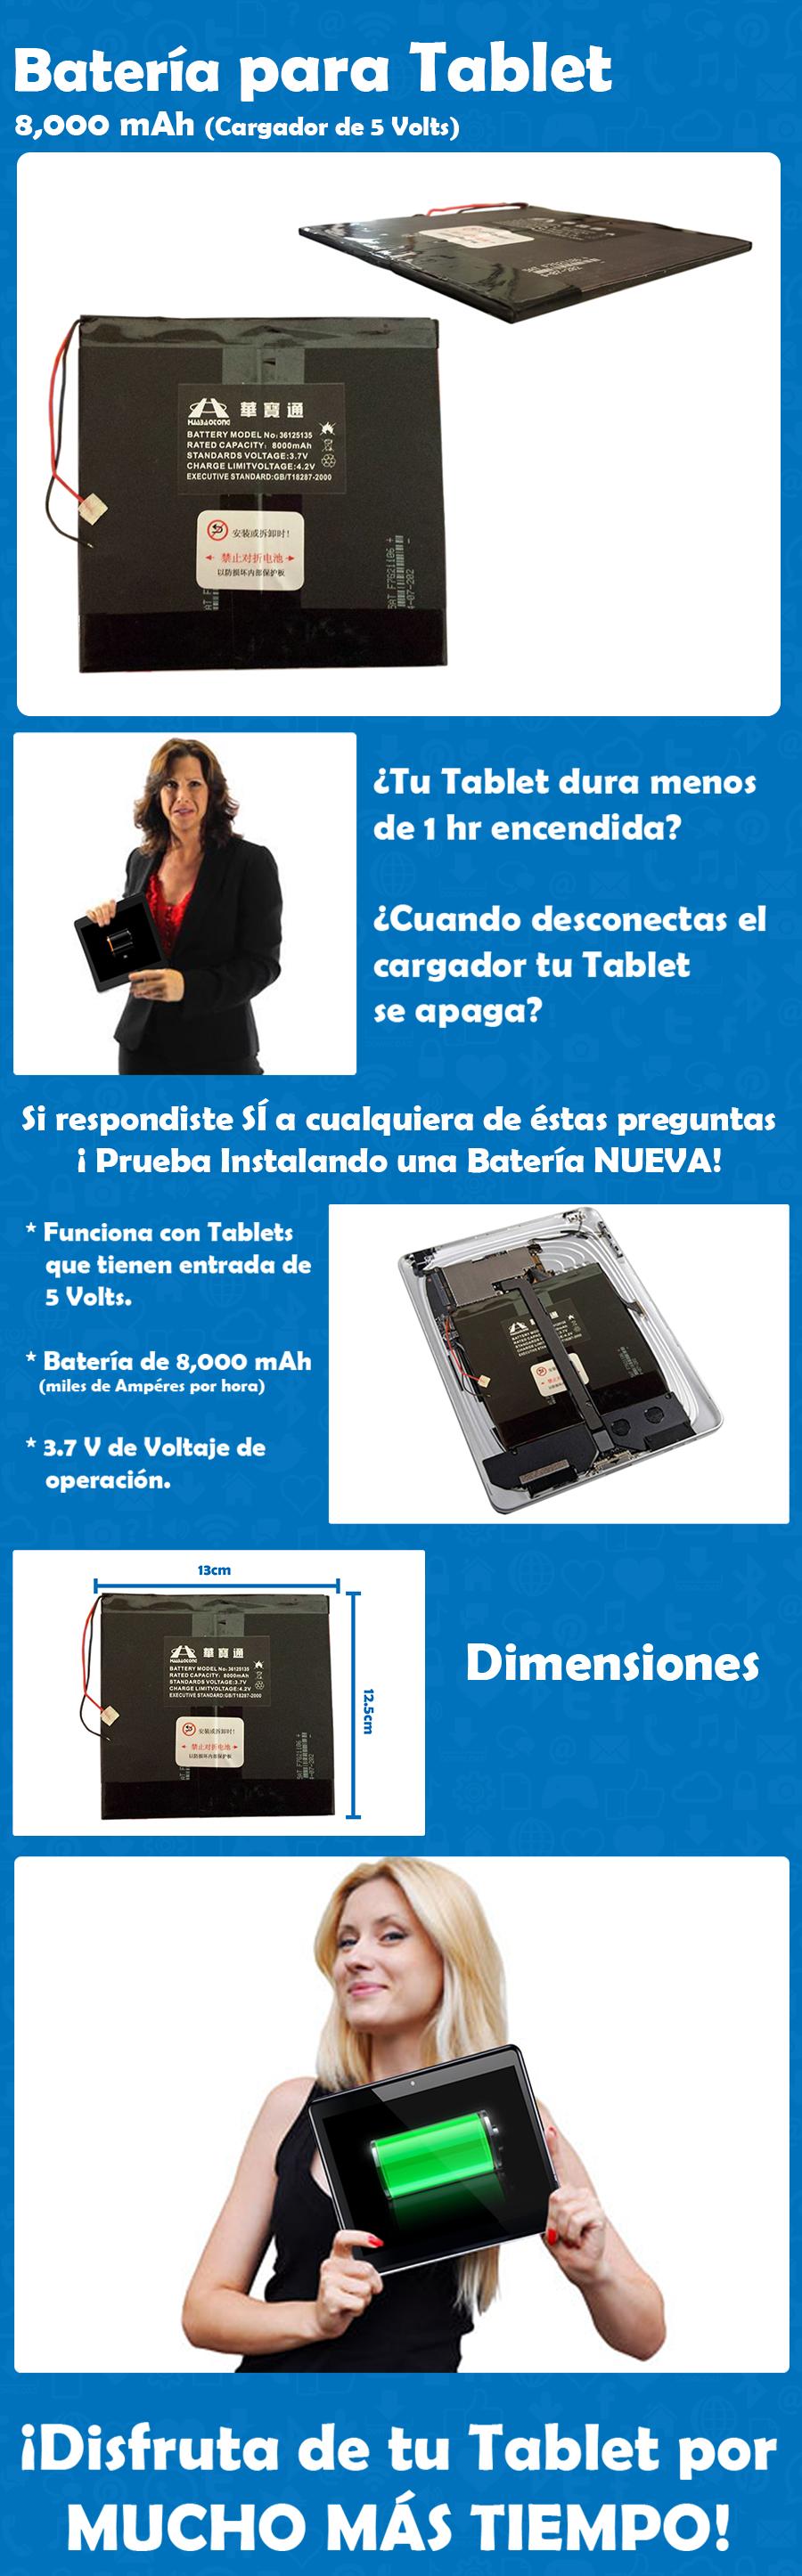 Batería para Tablet 8,000 mAh ¡Disfruta de tu Tablet por MUCHO MÁS TIEMPO!